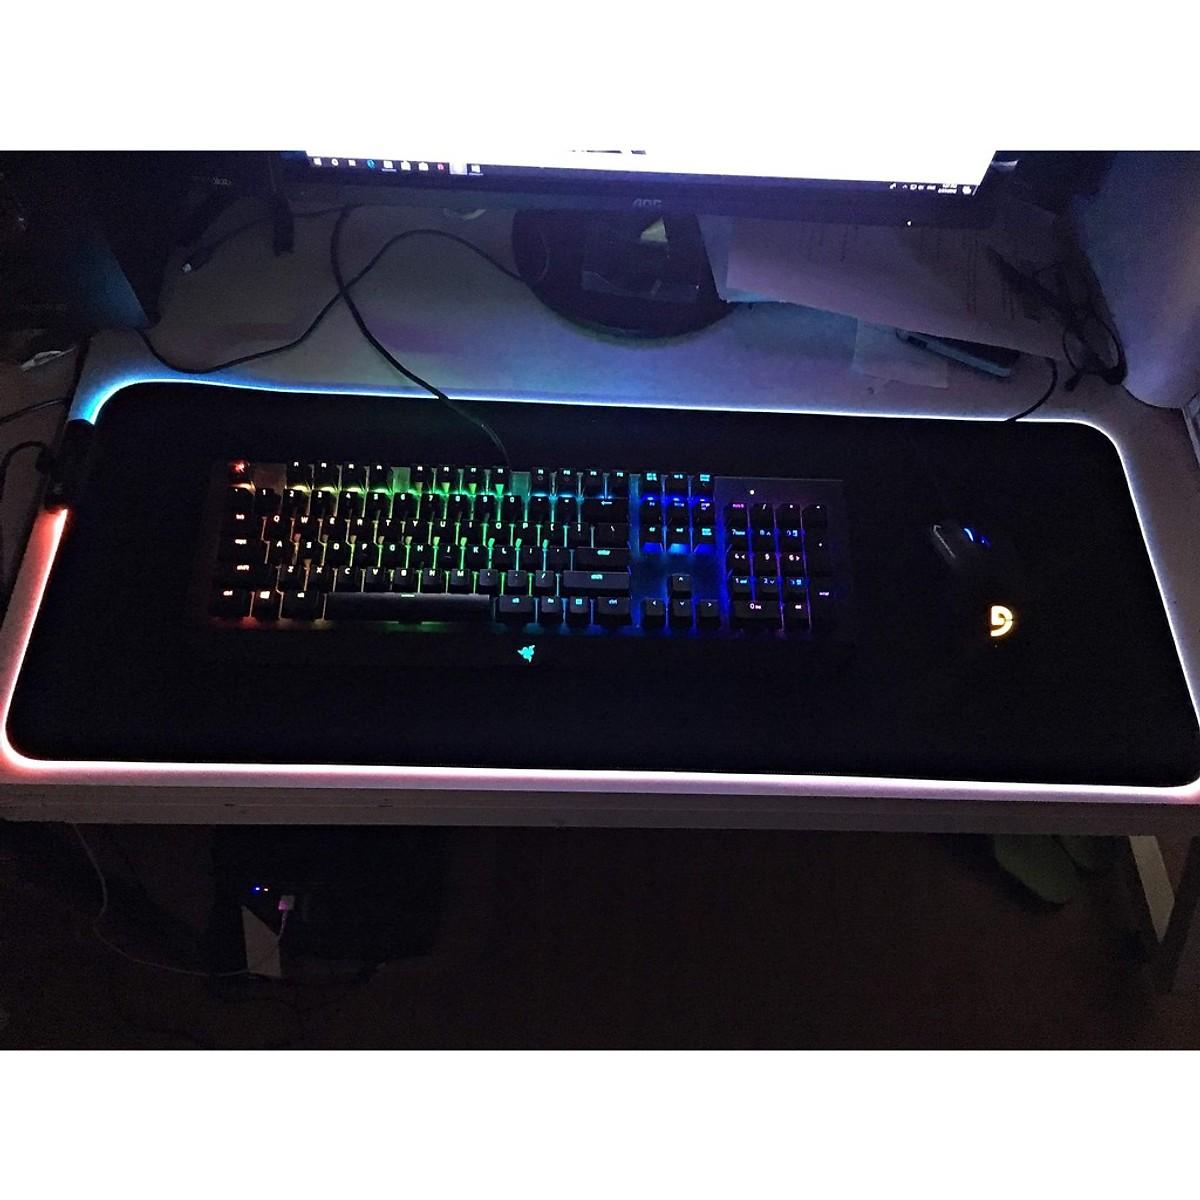 Miếng Lót Chuột Gaming RGB Bo Viền Led Sáng Cỡ Lớn (80 x 30 cm) - Bàn Di Chuột Chơi Game Led Nhiều Màu